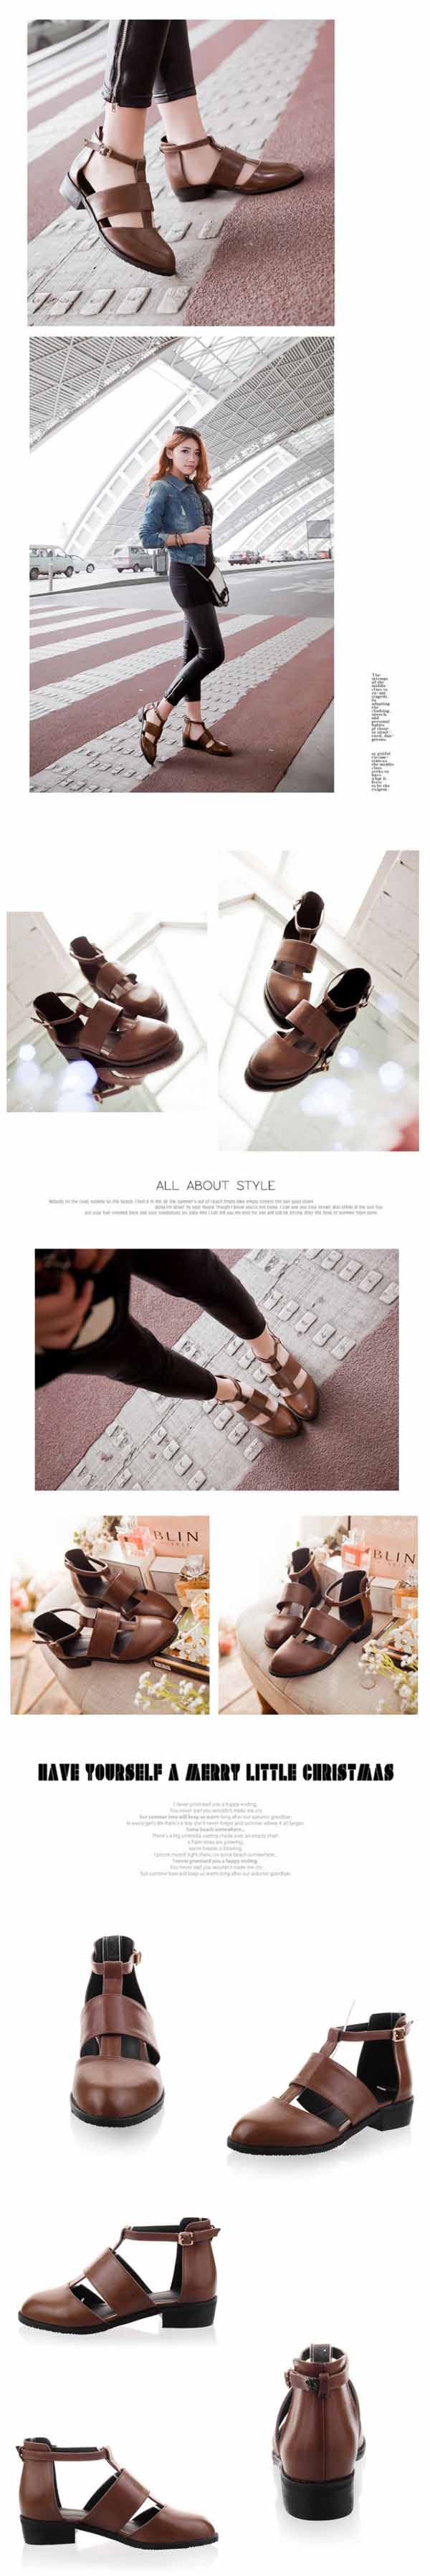 รองเท้าส้นเตี้ย สวมสุขภาพเท้าแฟชั่นเกาหลี นำเข้าไซส์32ถึง43 พรีออเดอร์RB2220 ราคา1500บาท